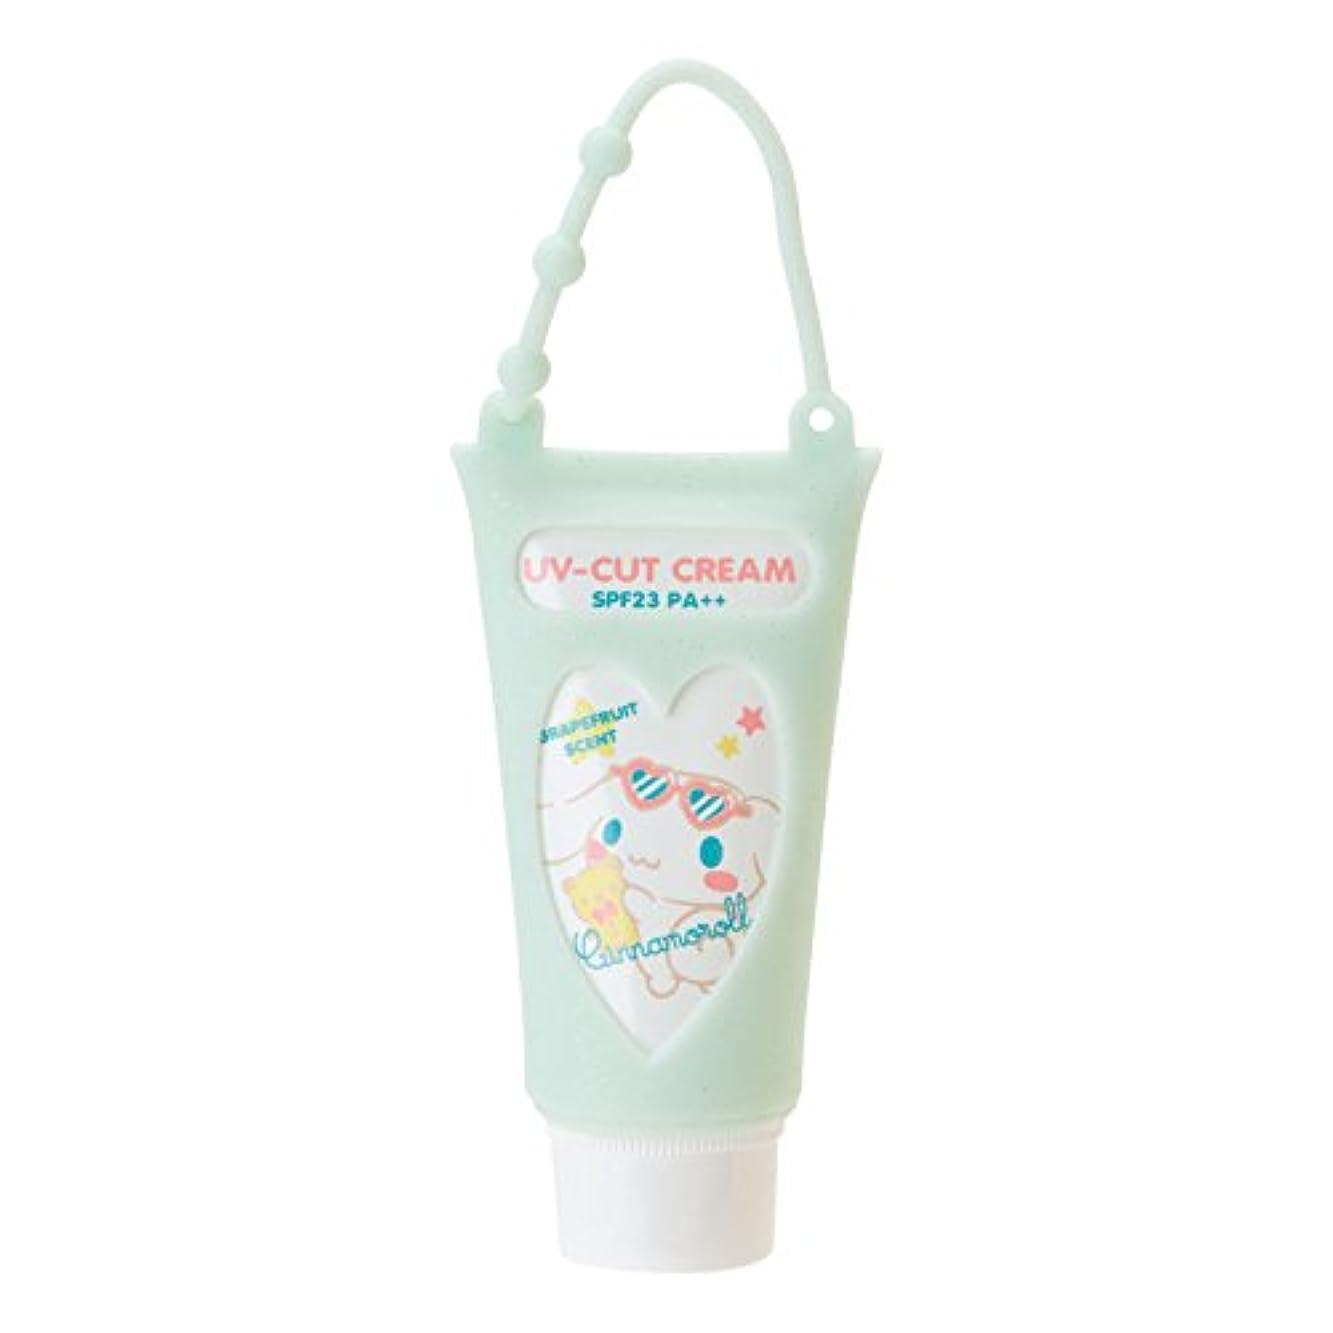 シナモロール 携帯UVクリーム(グレープフルーツの香り)